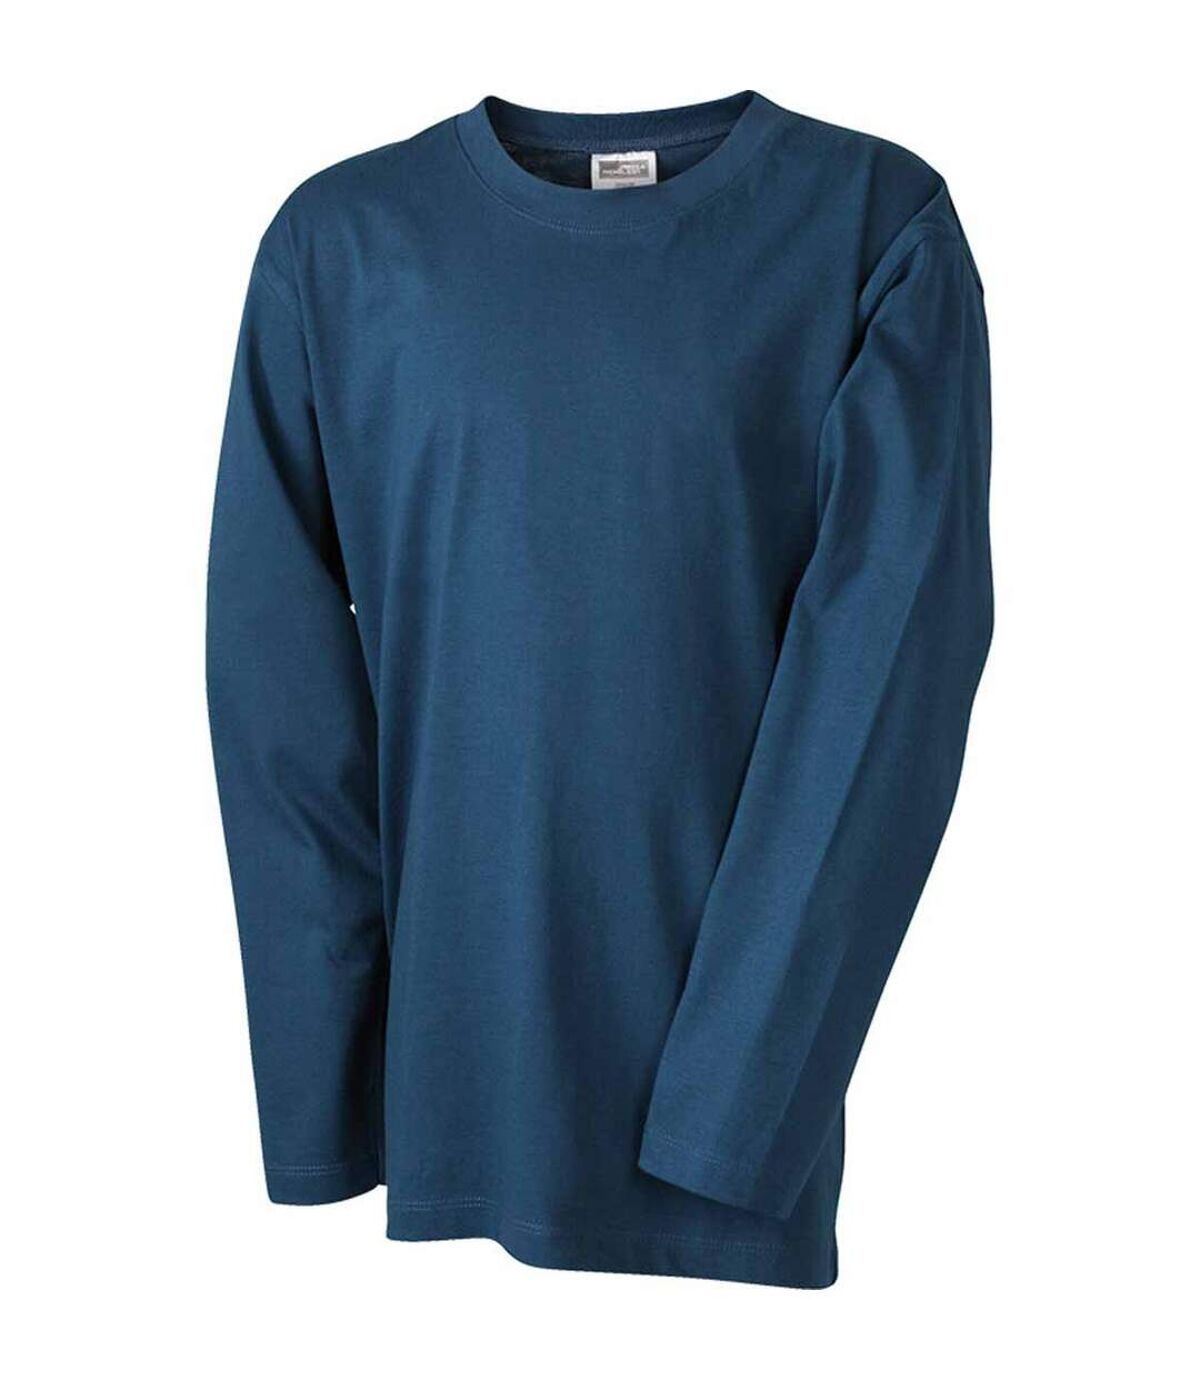 T-shirt manches longues adulte homme coupe droite JN913 - bleu pétrole